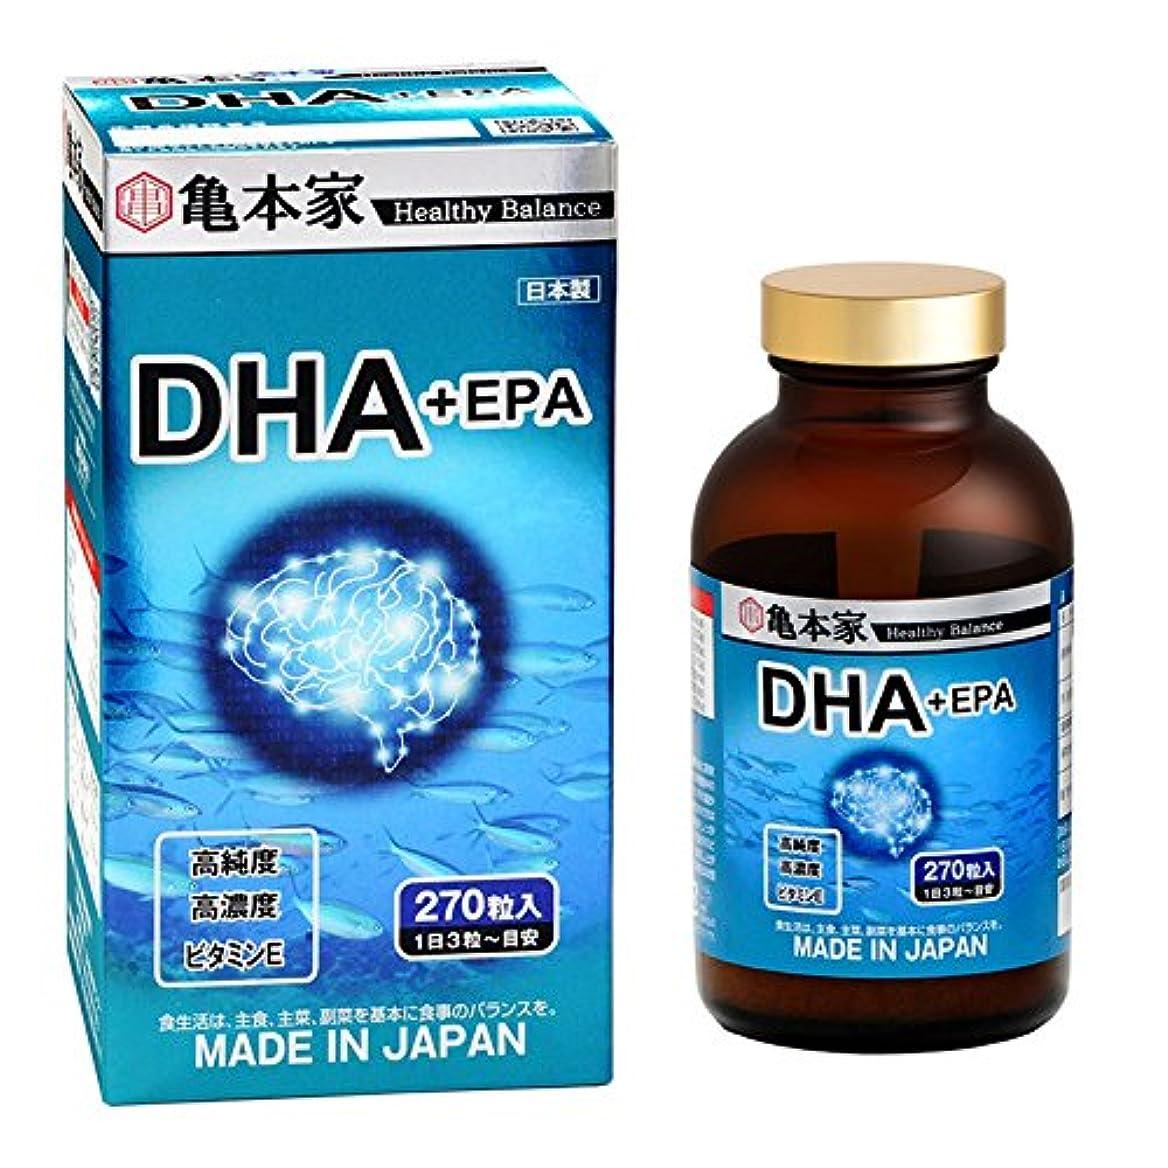 アボートガラス以降亀本家 DHA+EPA -SH762285